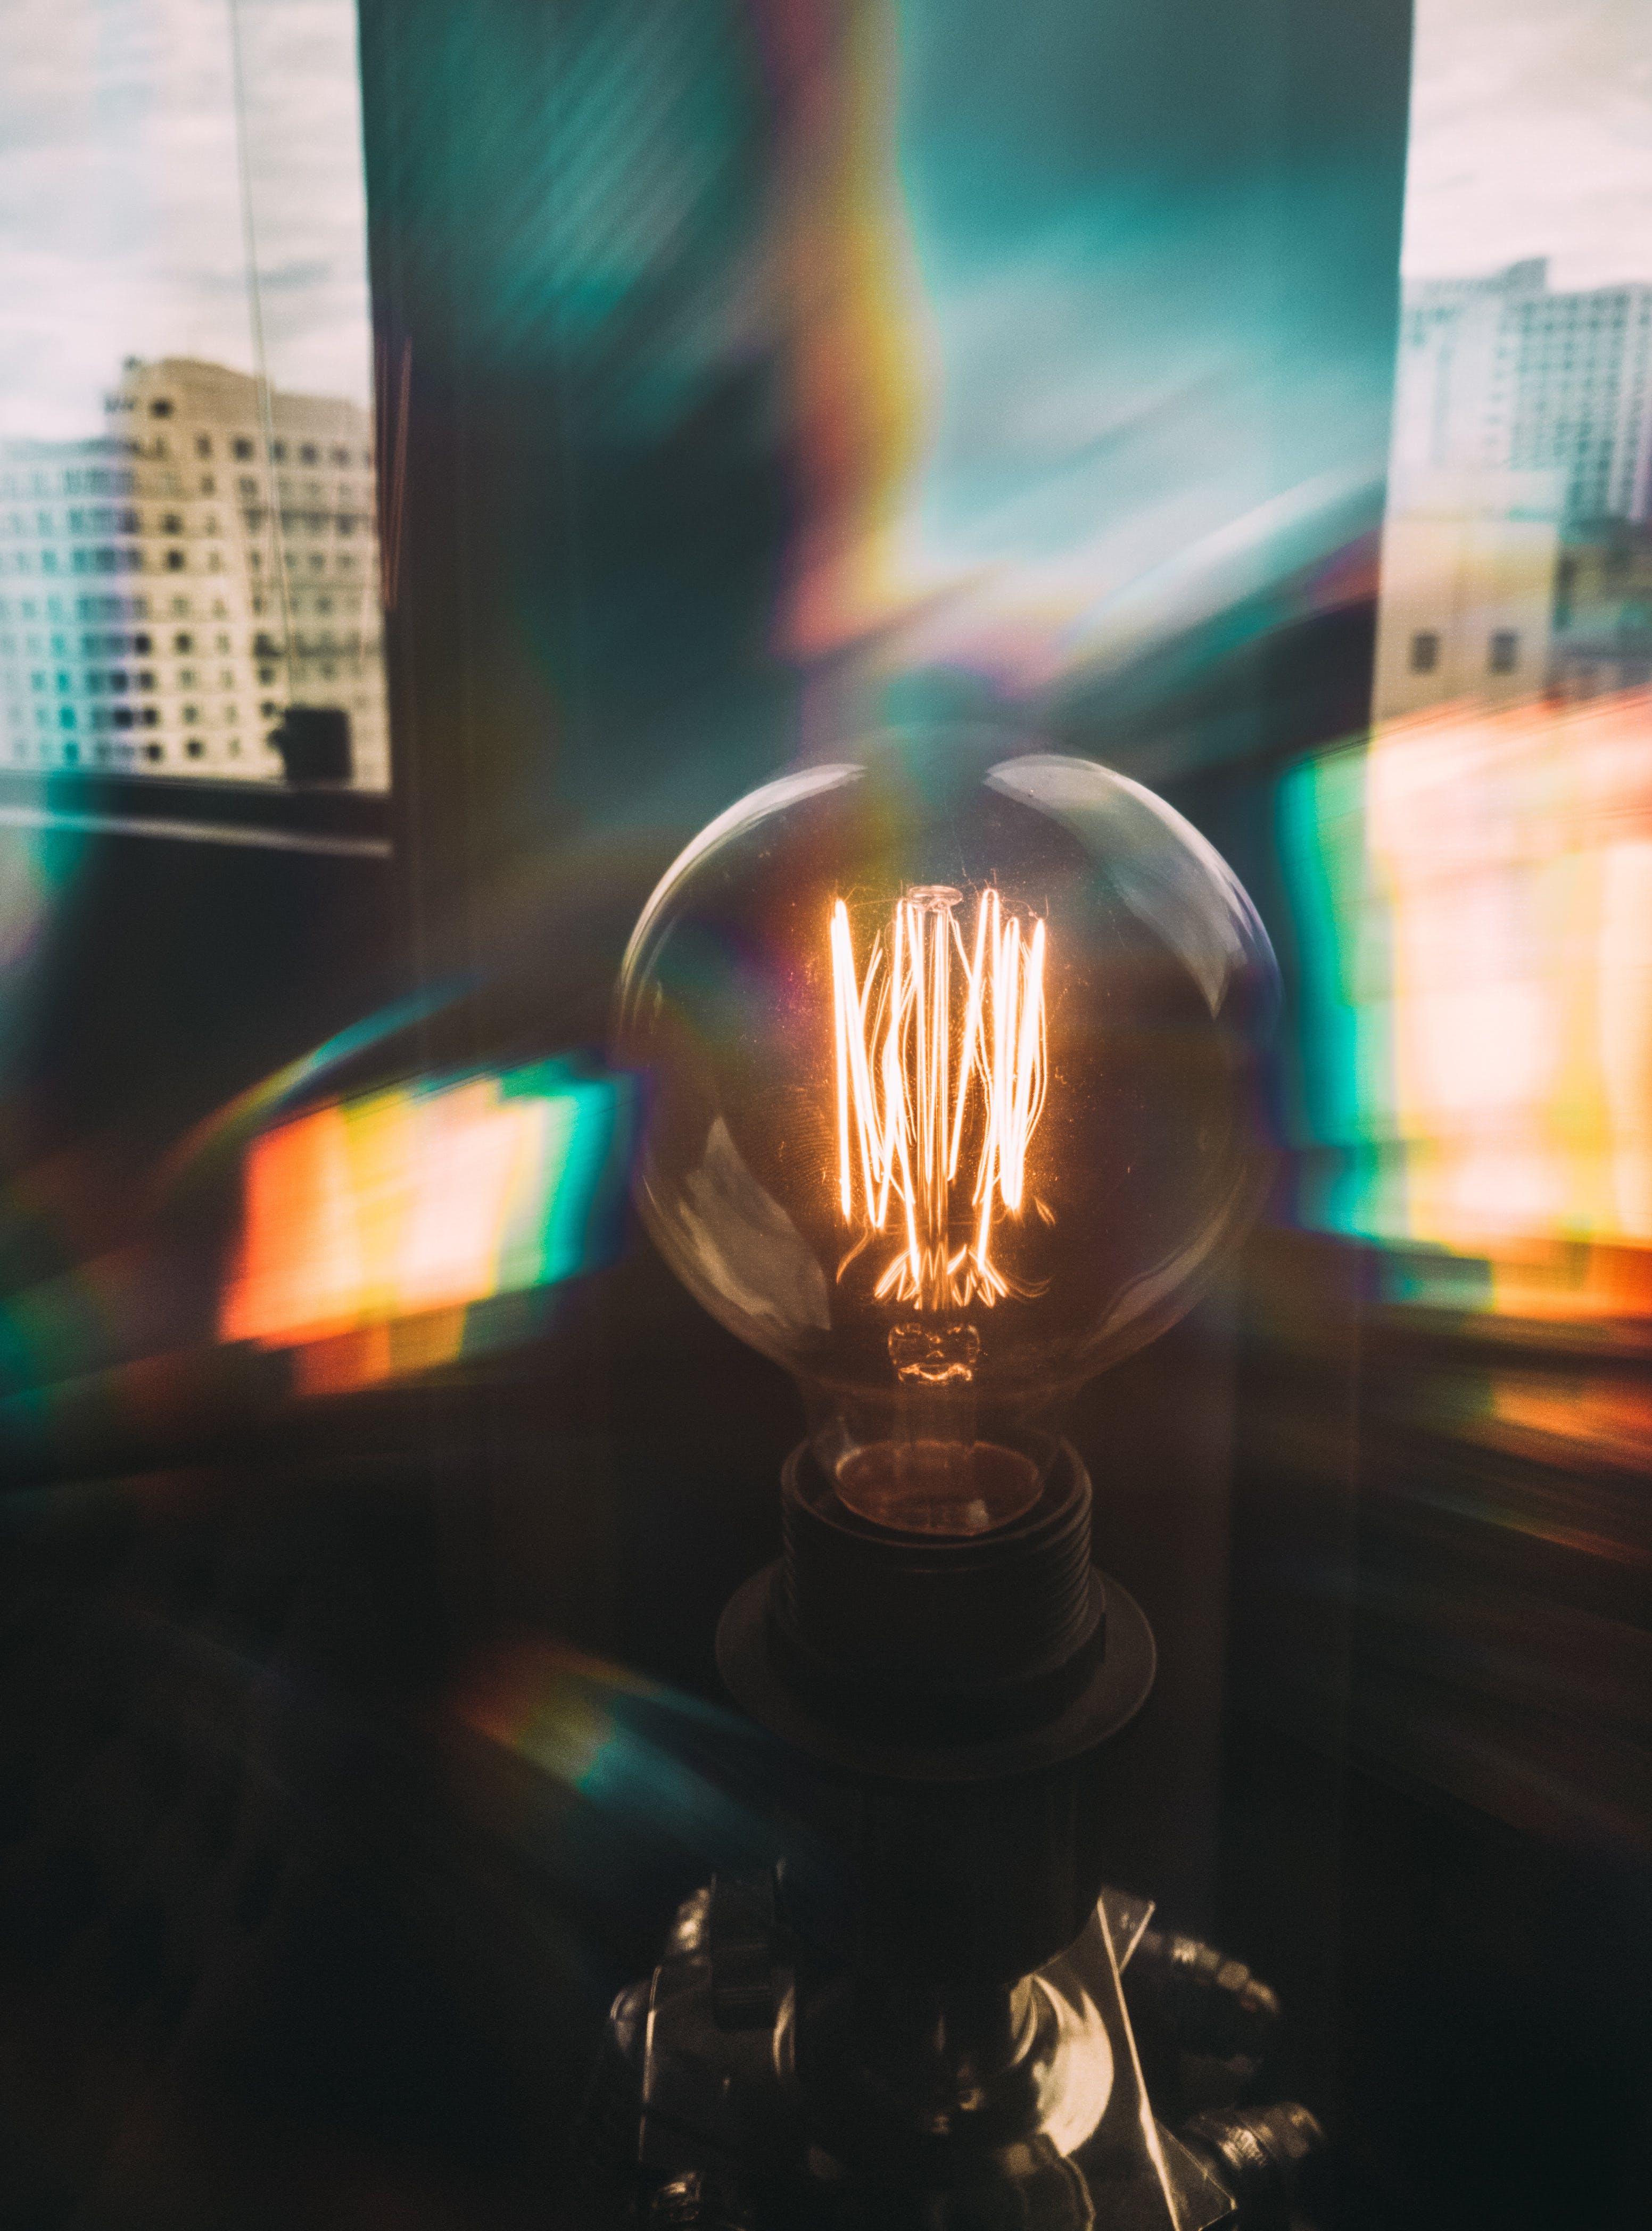 Fotos de stock gratuitas de bombilla, electricidad, iluminado, ligero